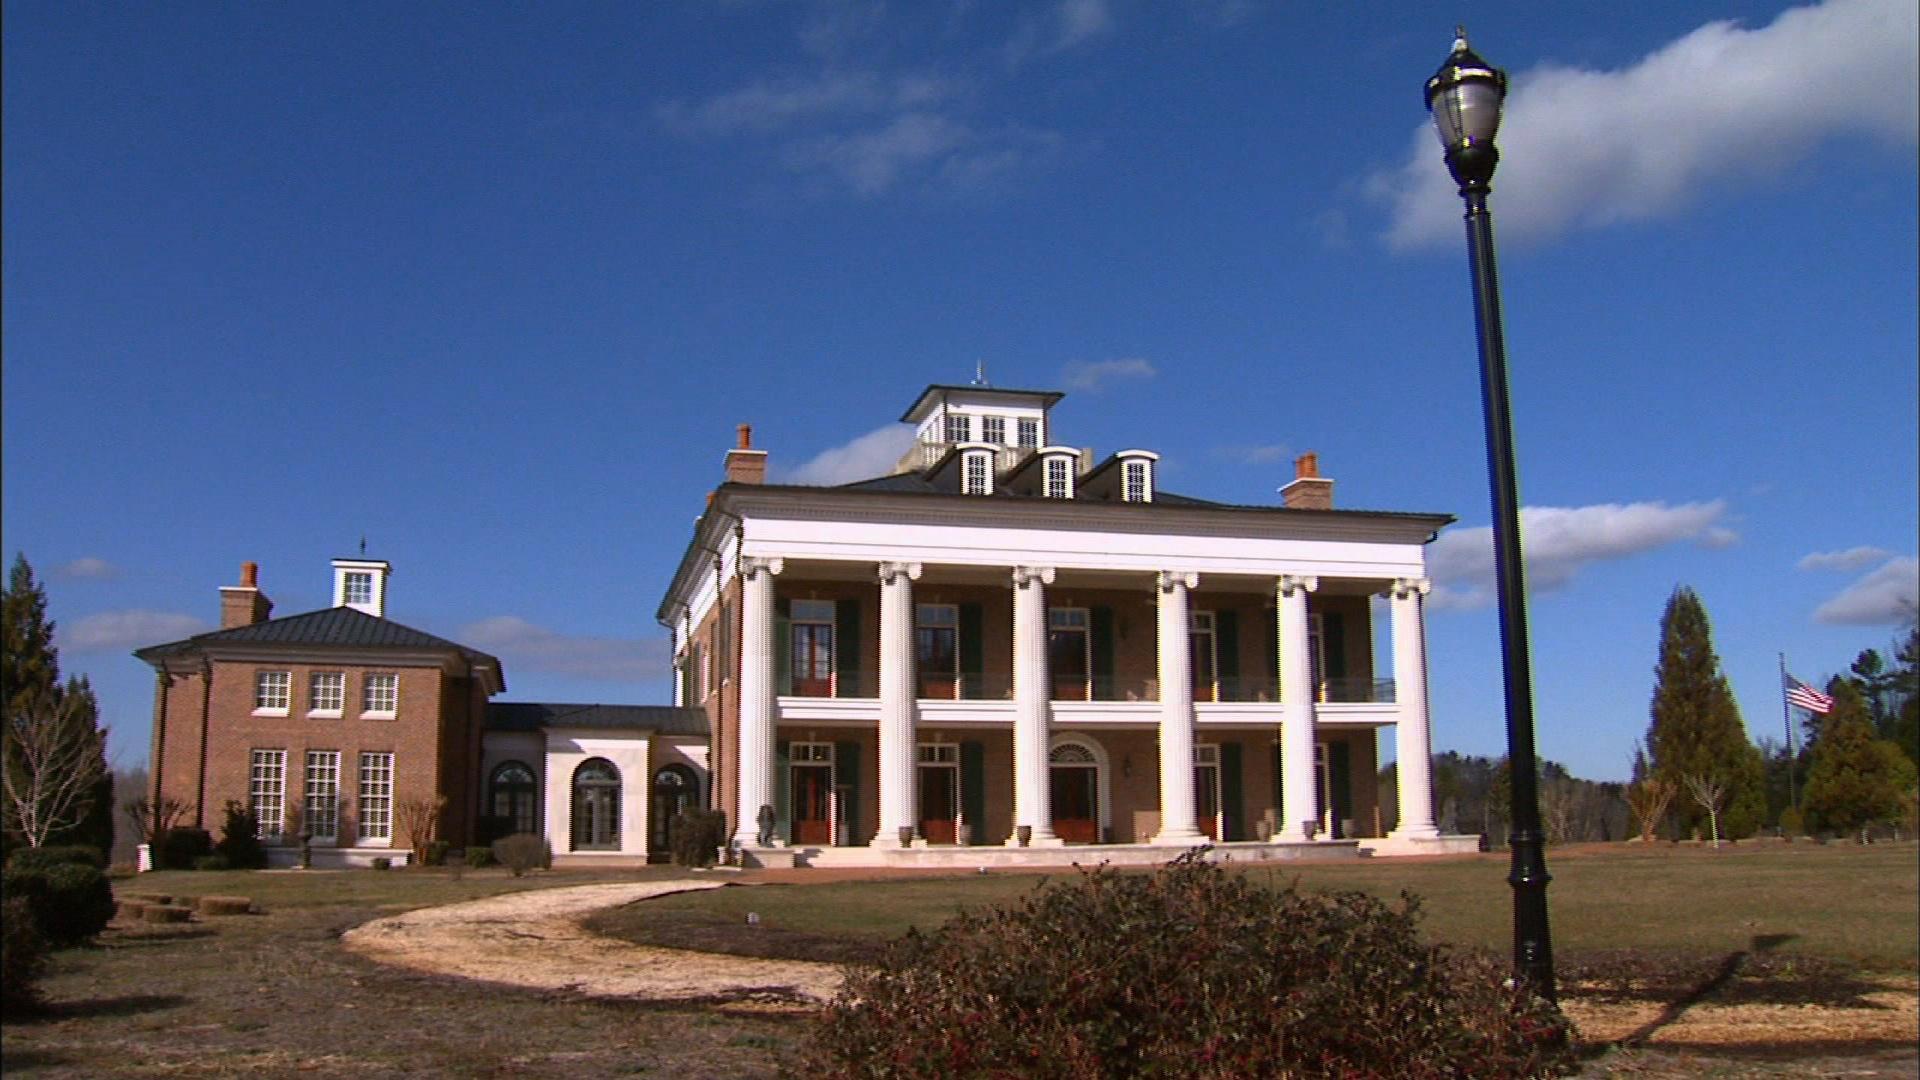 Linbrooke Heritage Estate; Trinity, NC image